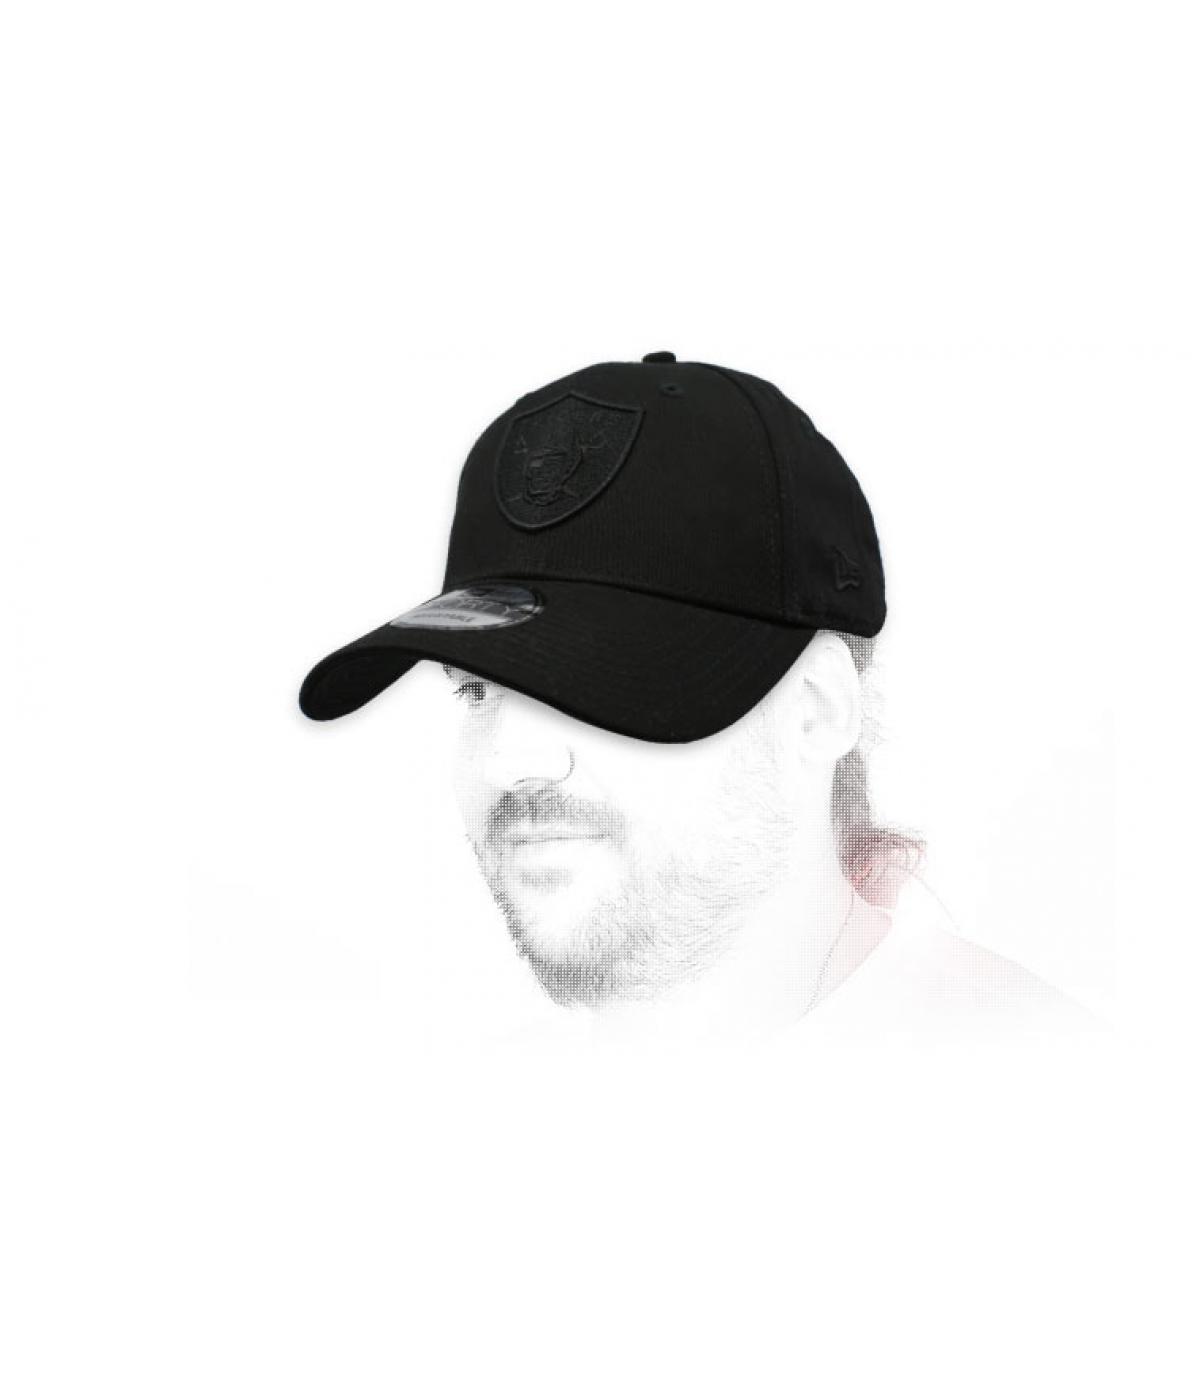 zwarte Raiders cap